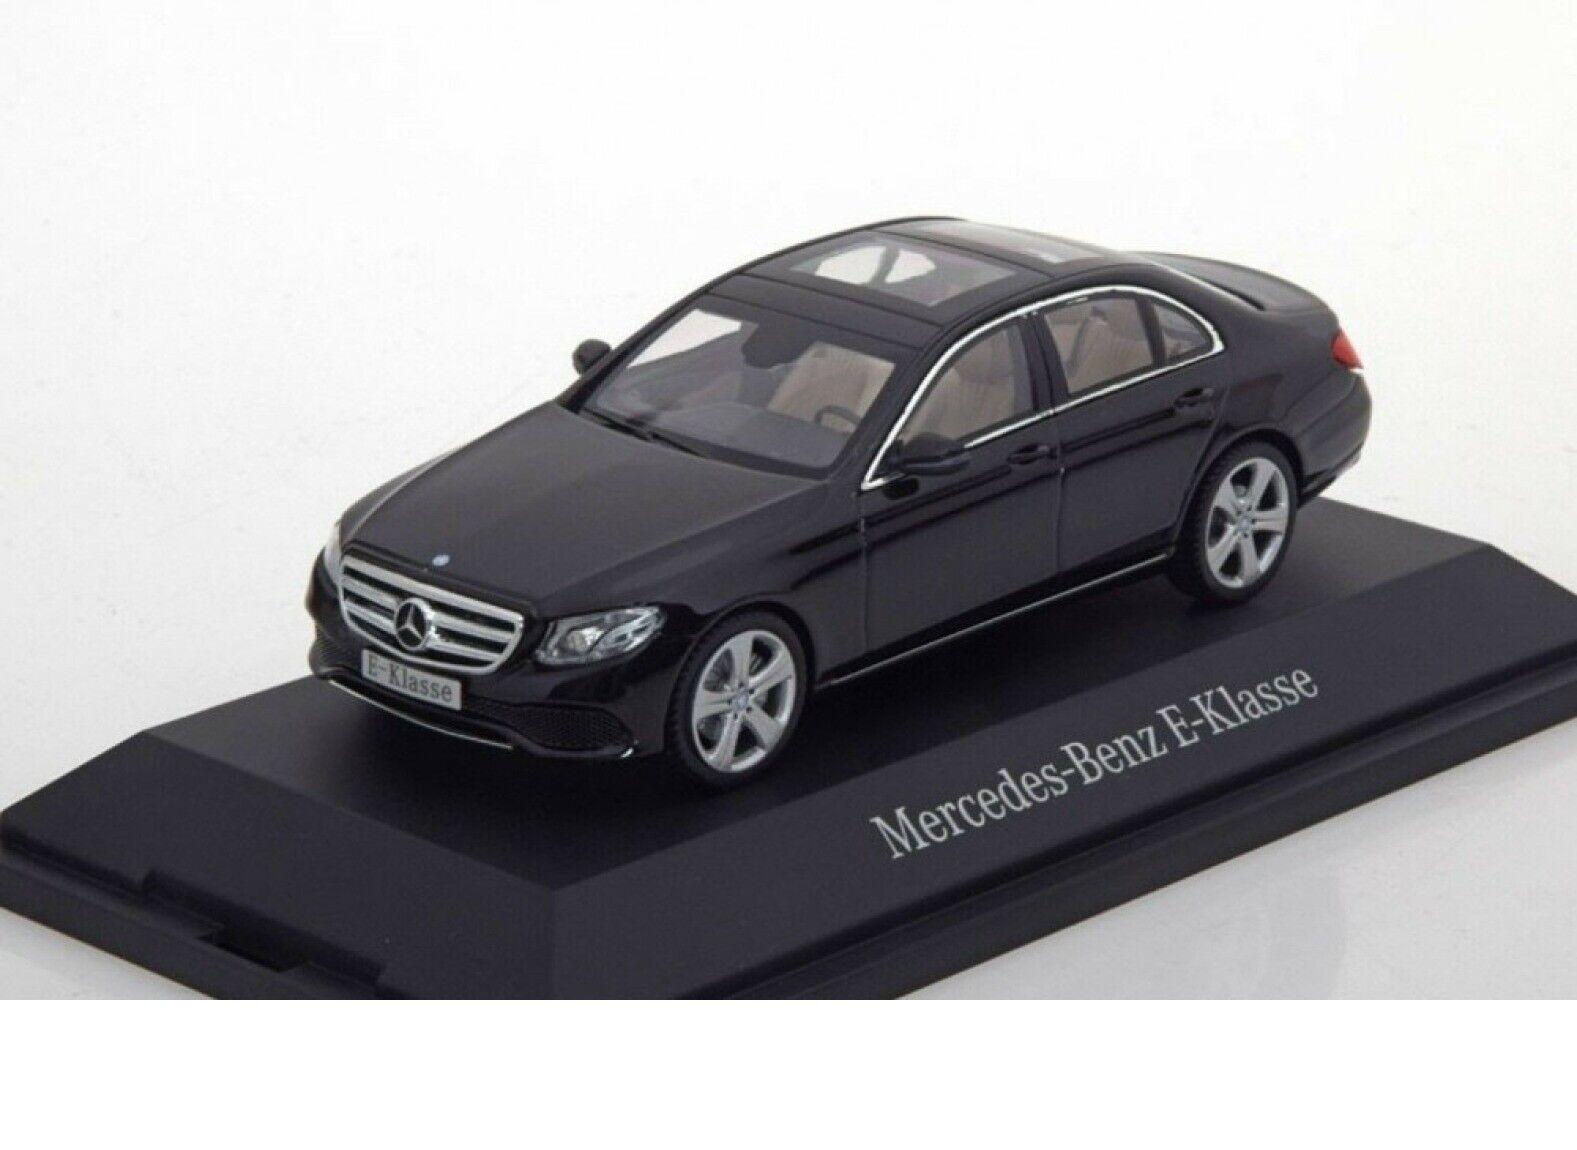 Original Mercedes-Benz Classe E Noir volcan, voiture modèle de iScale, 1 43